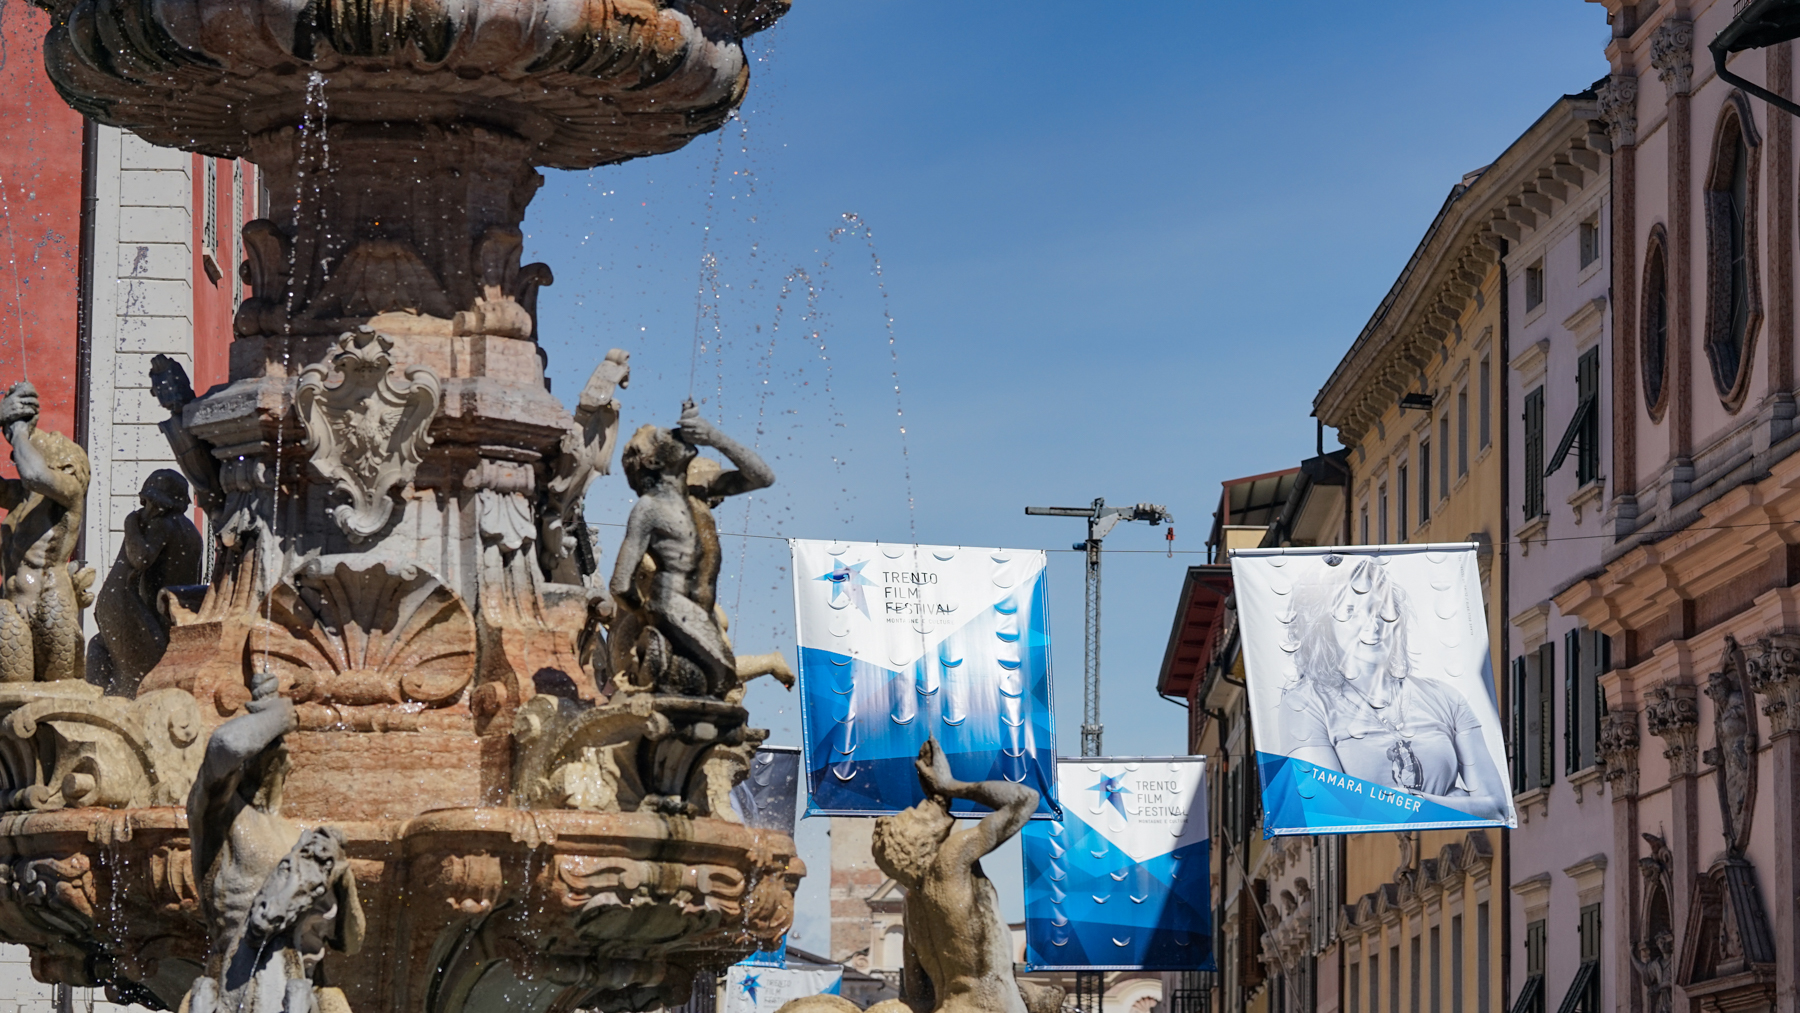 Piazza Trento